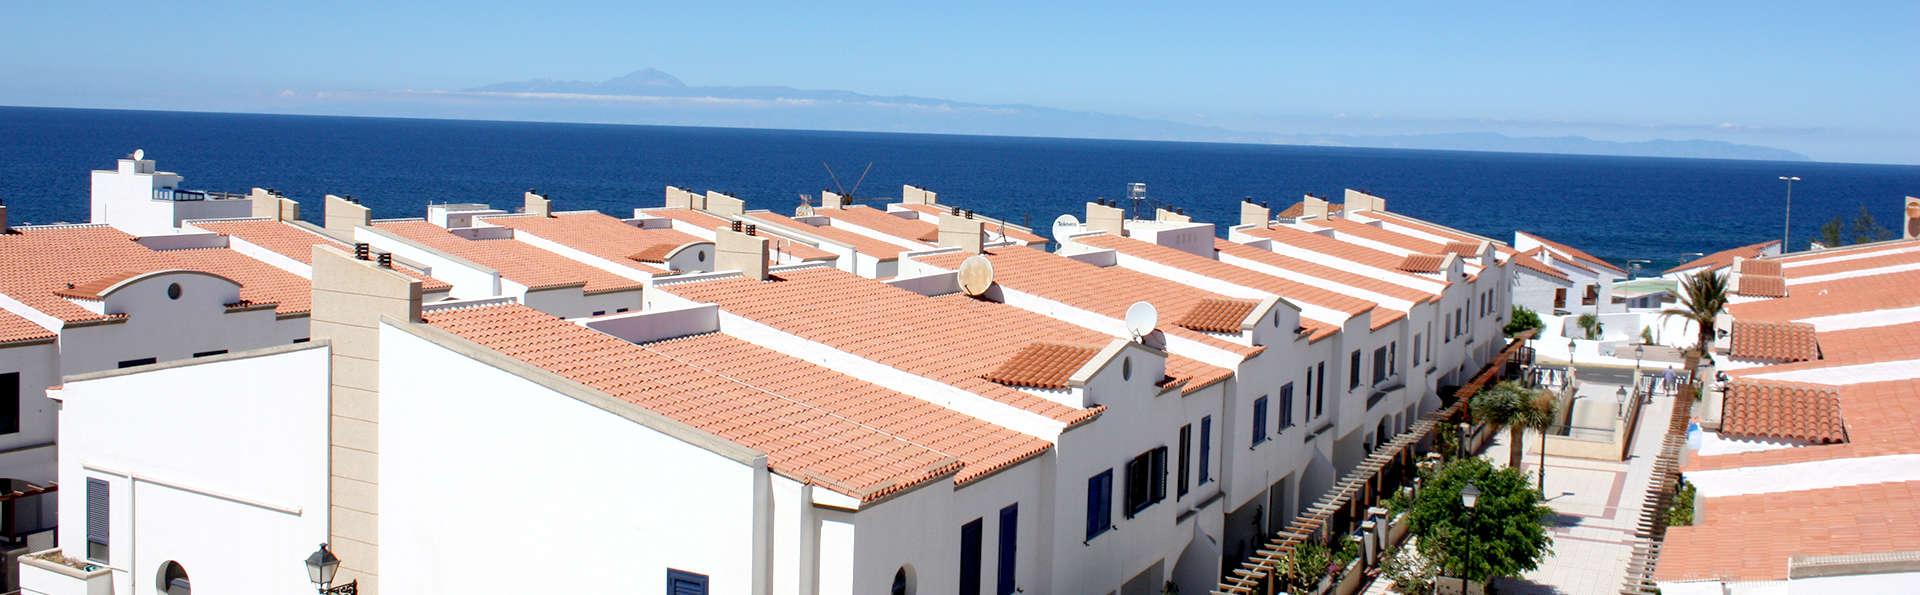 Hotel Puerto de las Nieves - Edit_Front4.jpg